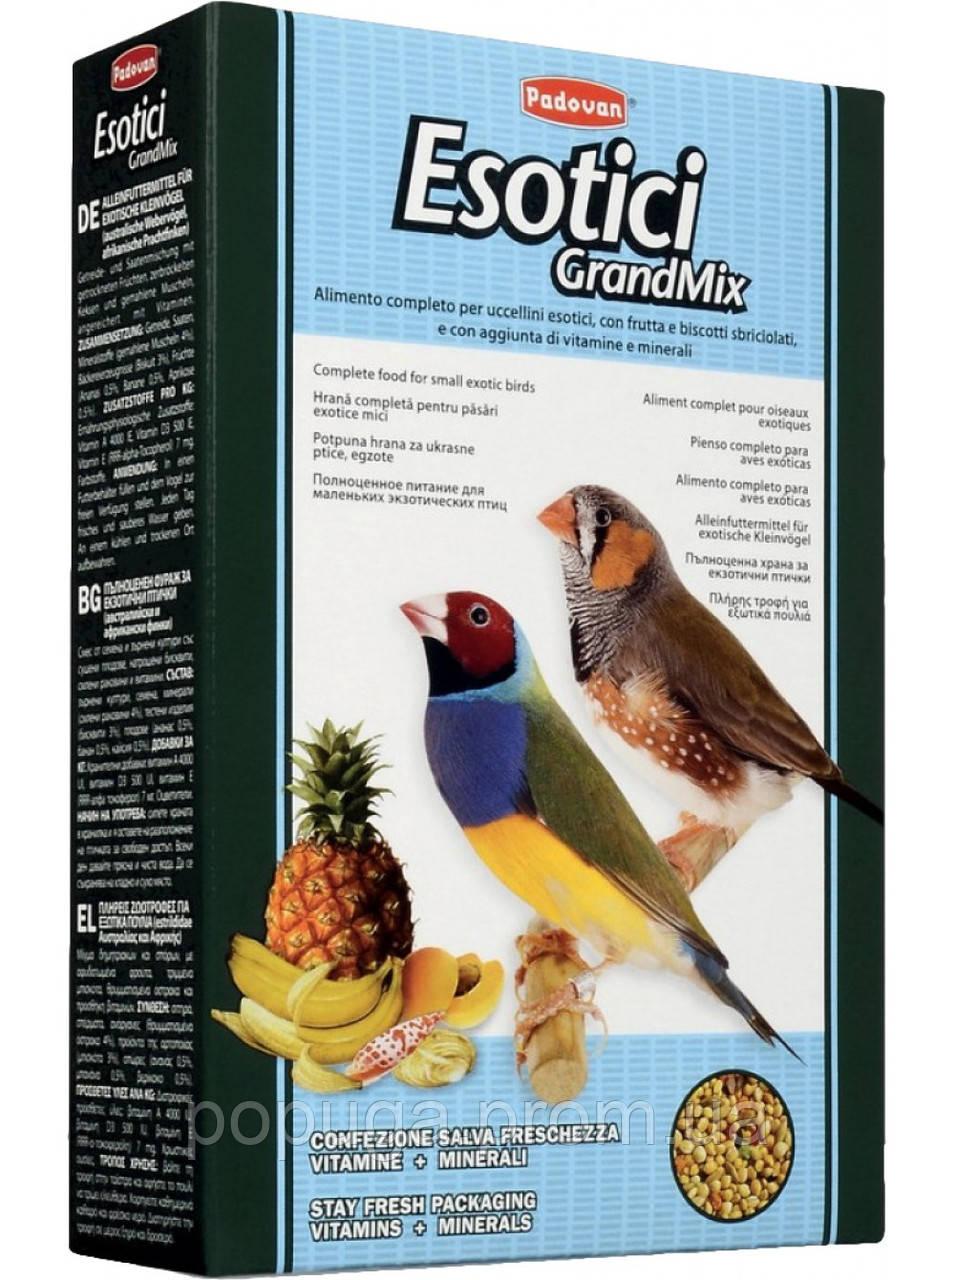 Padovan GrandMix Esotici полноценный корм для экзотических птиц, 400 г